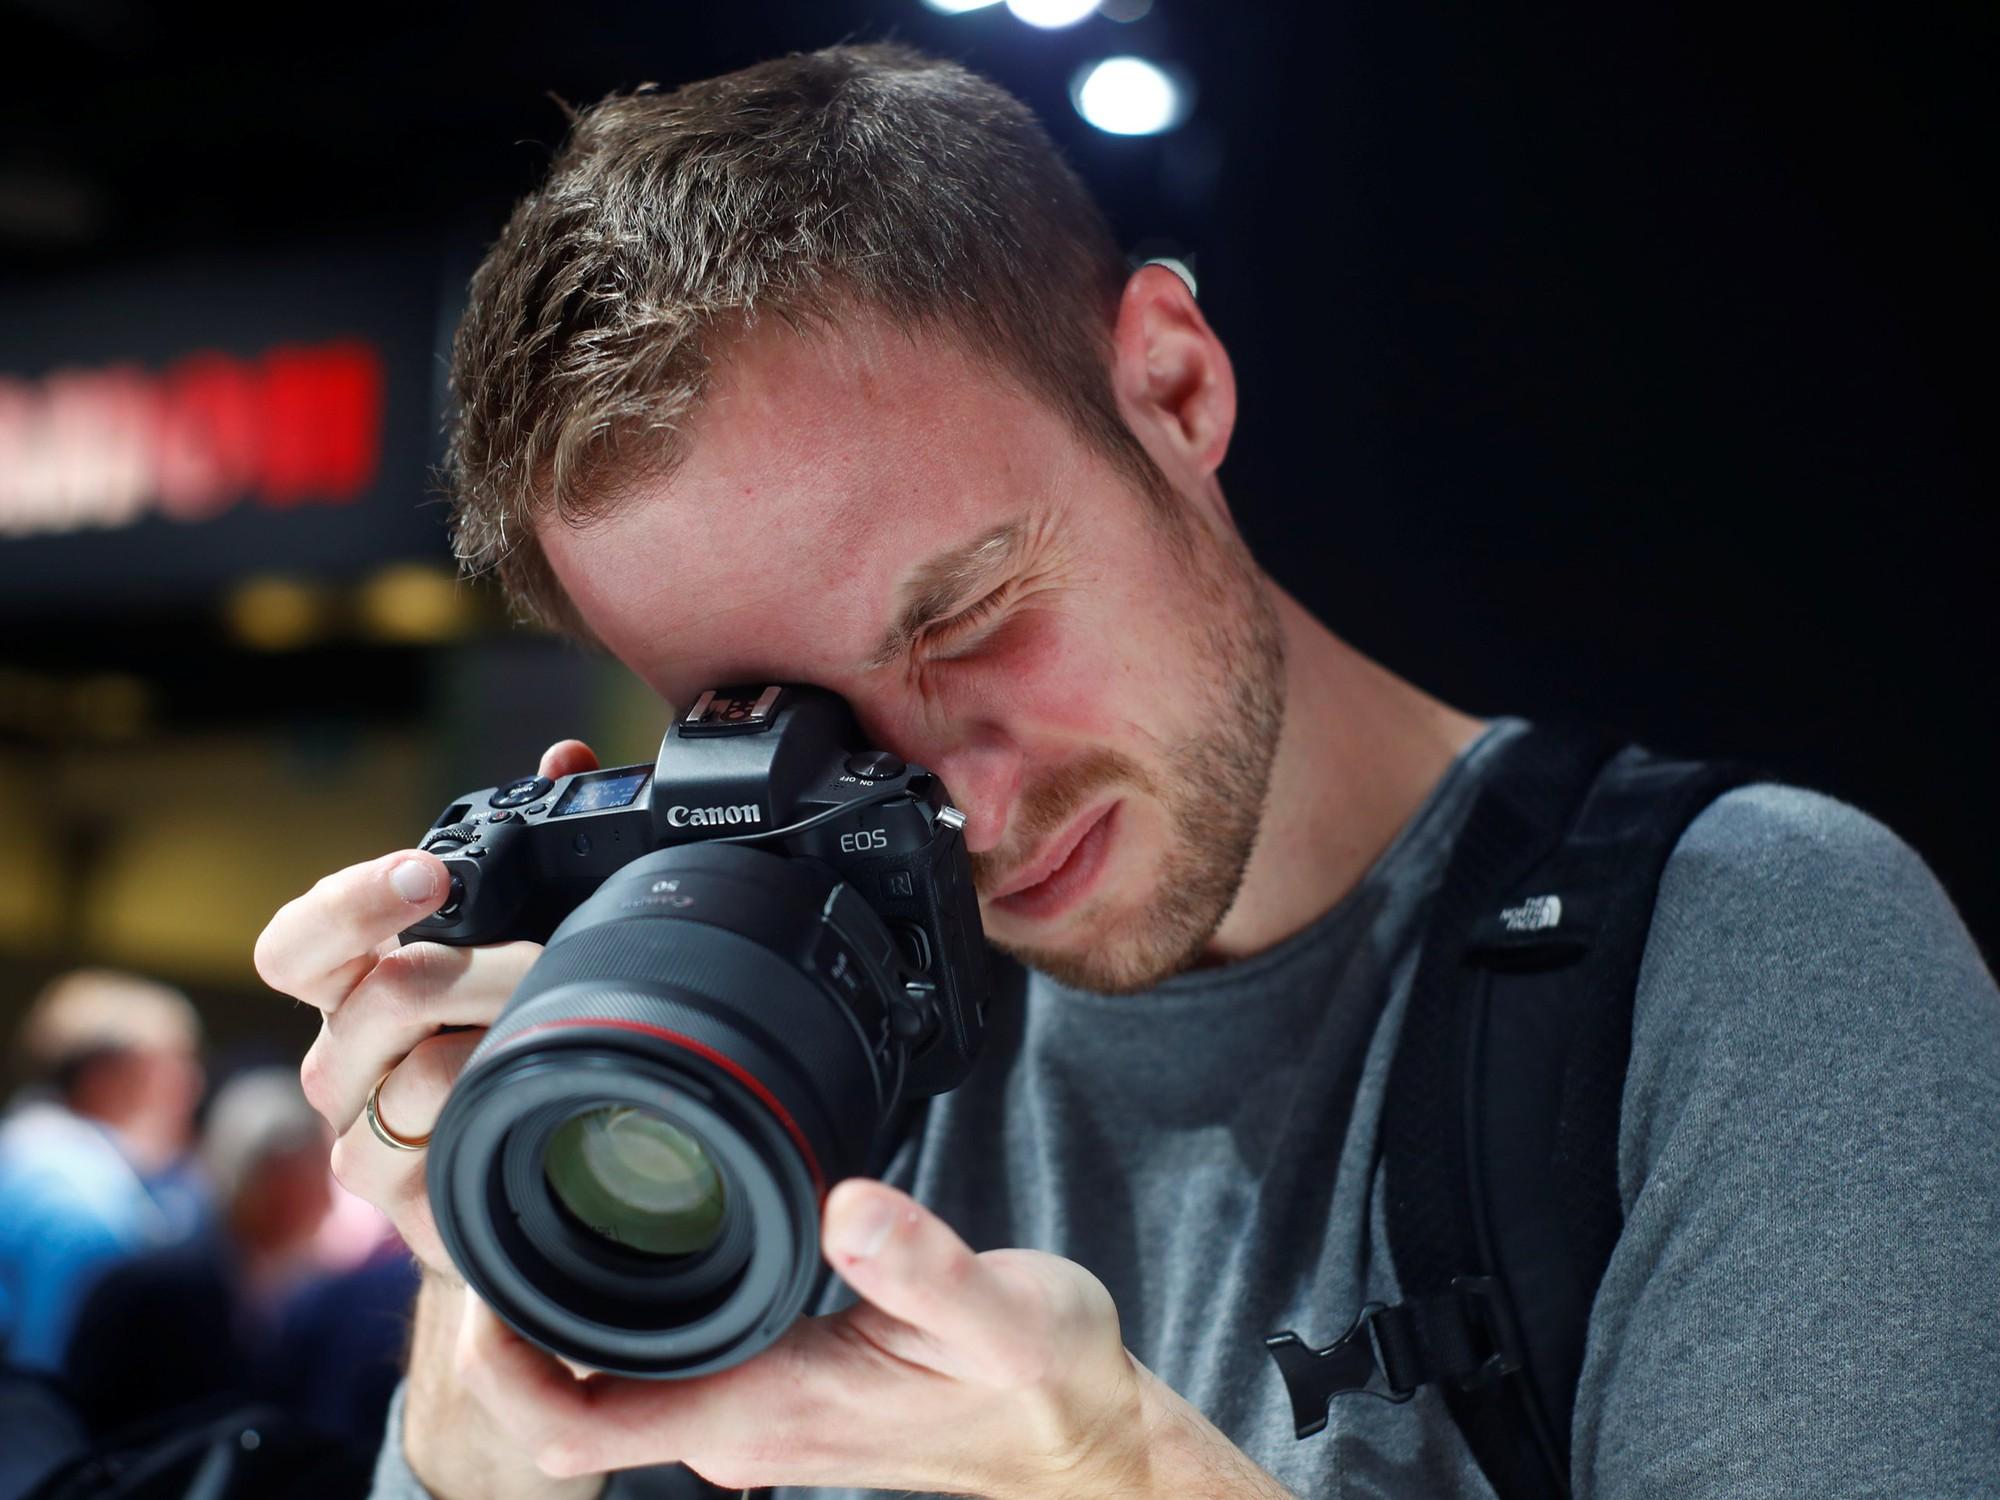 Máy ảnh không gương lật (Mirrorless) là gì?